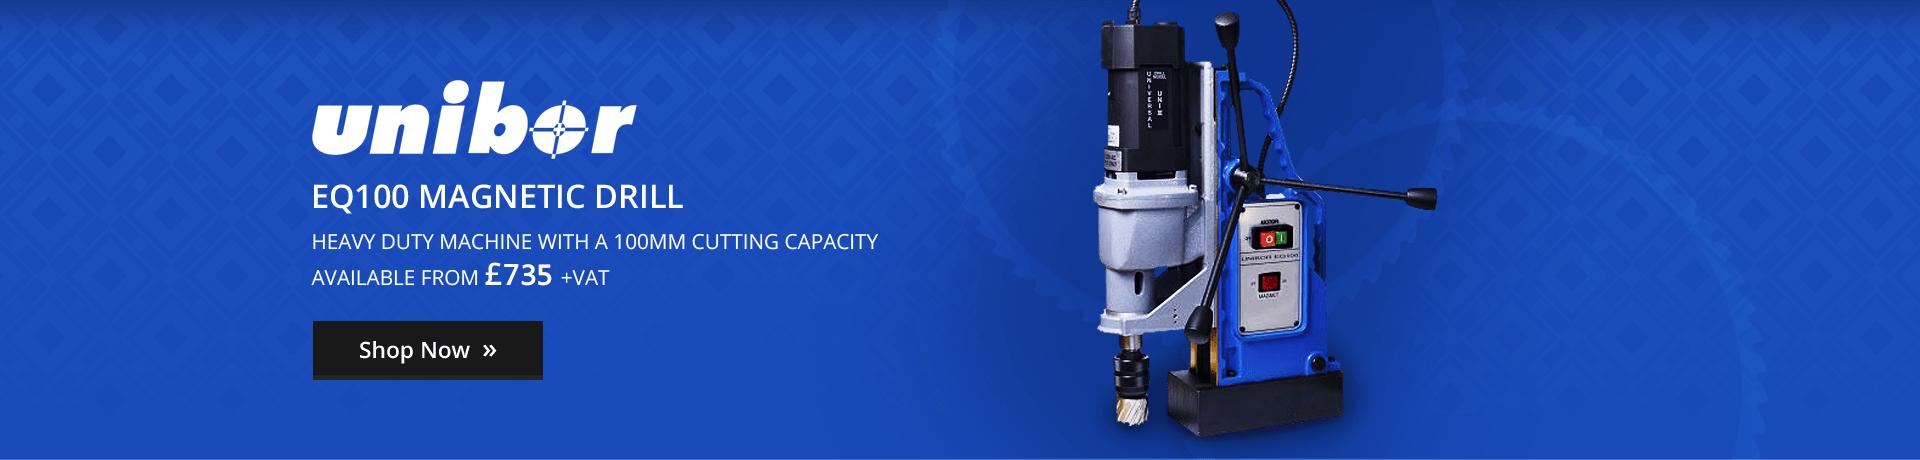 Unibor EQ100 Magnetic Drilling Machine